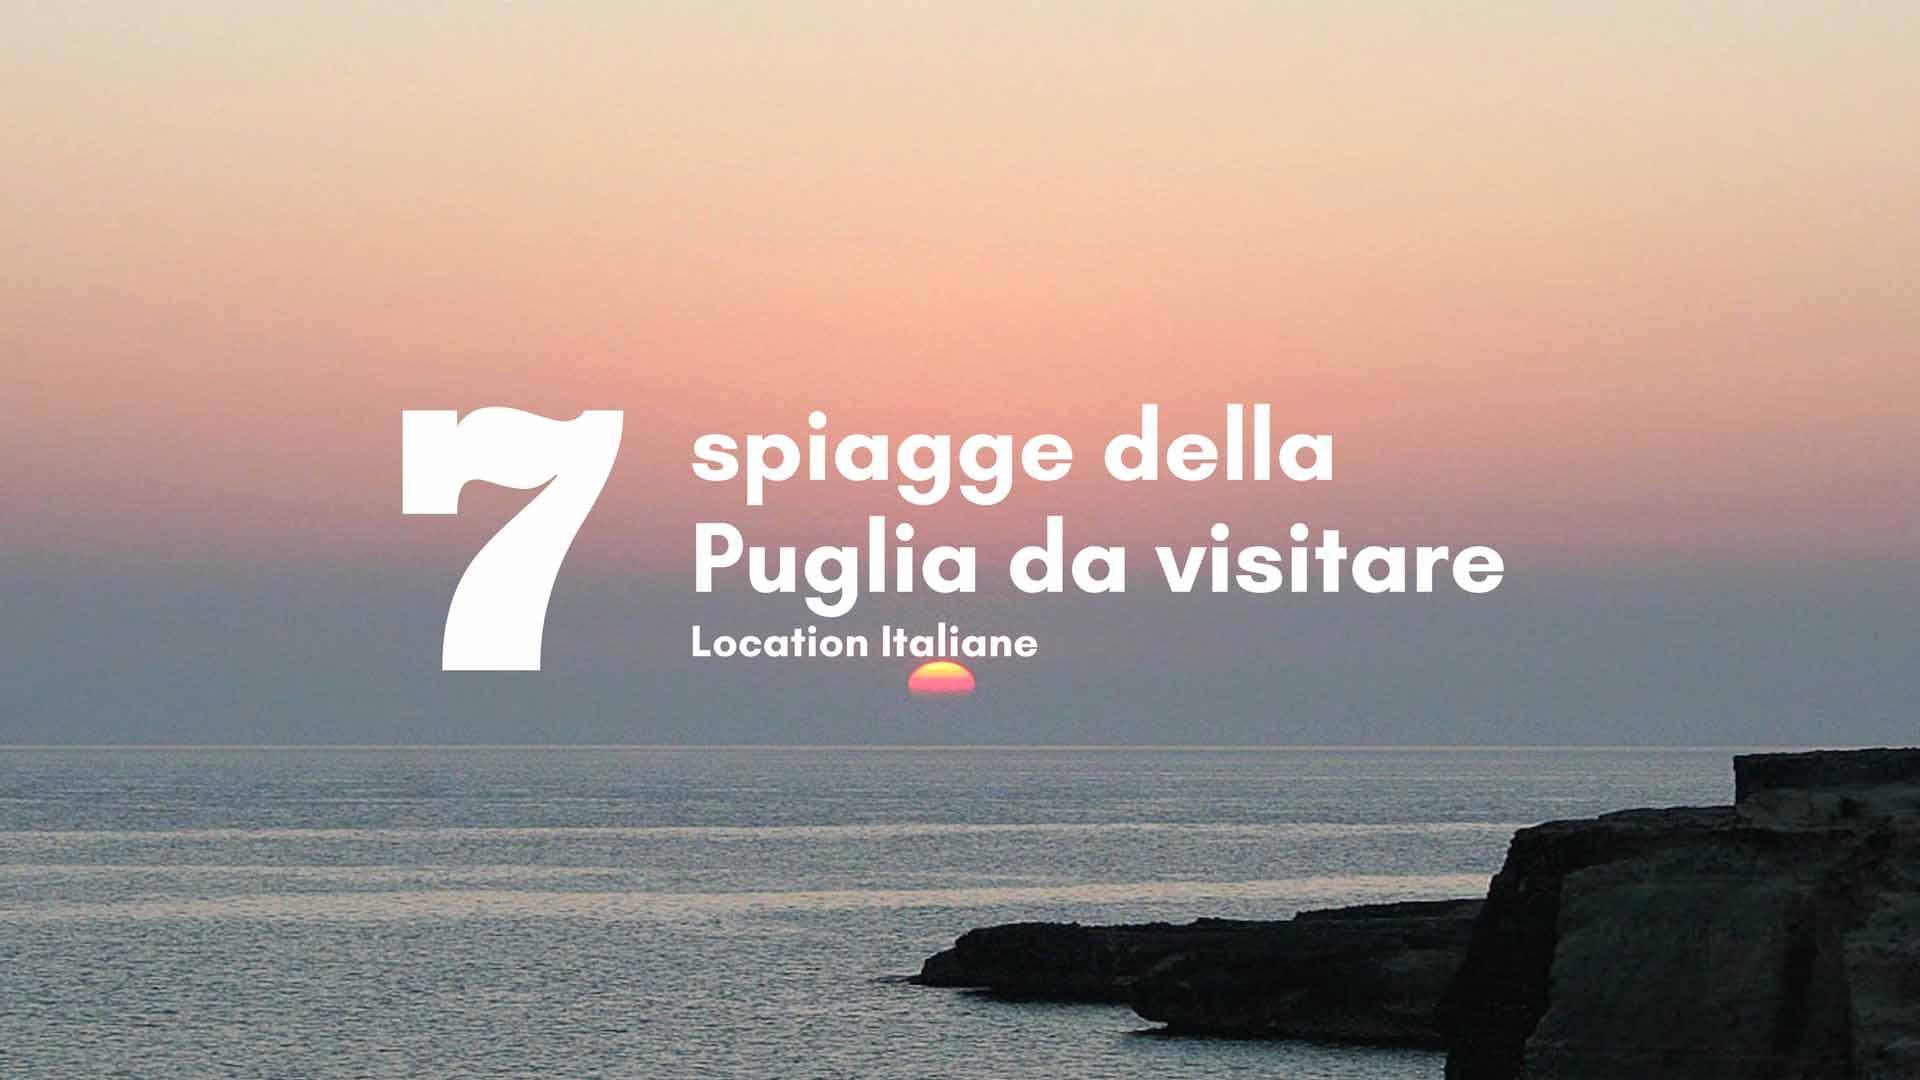 7 spiagge della Puglia da visitare